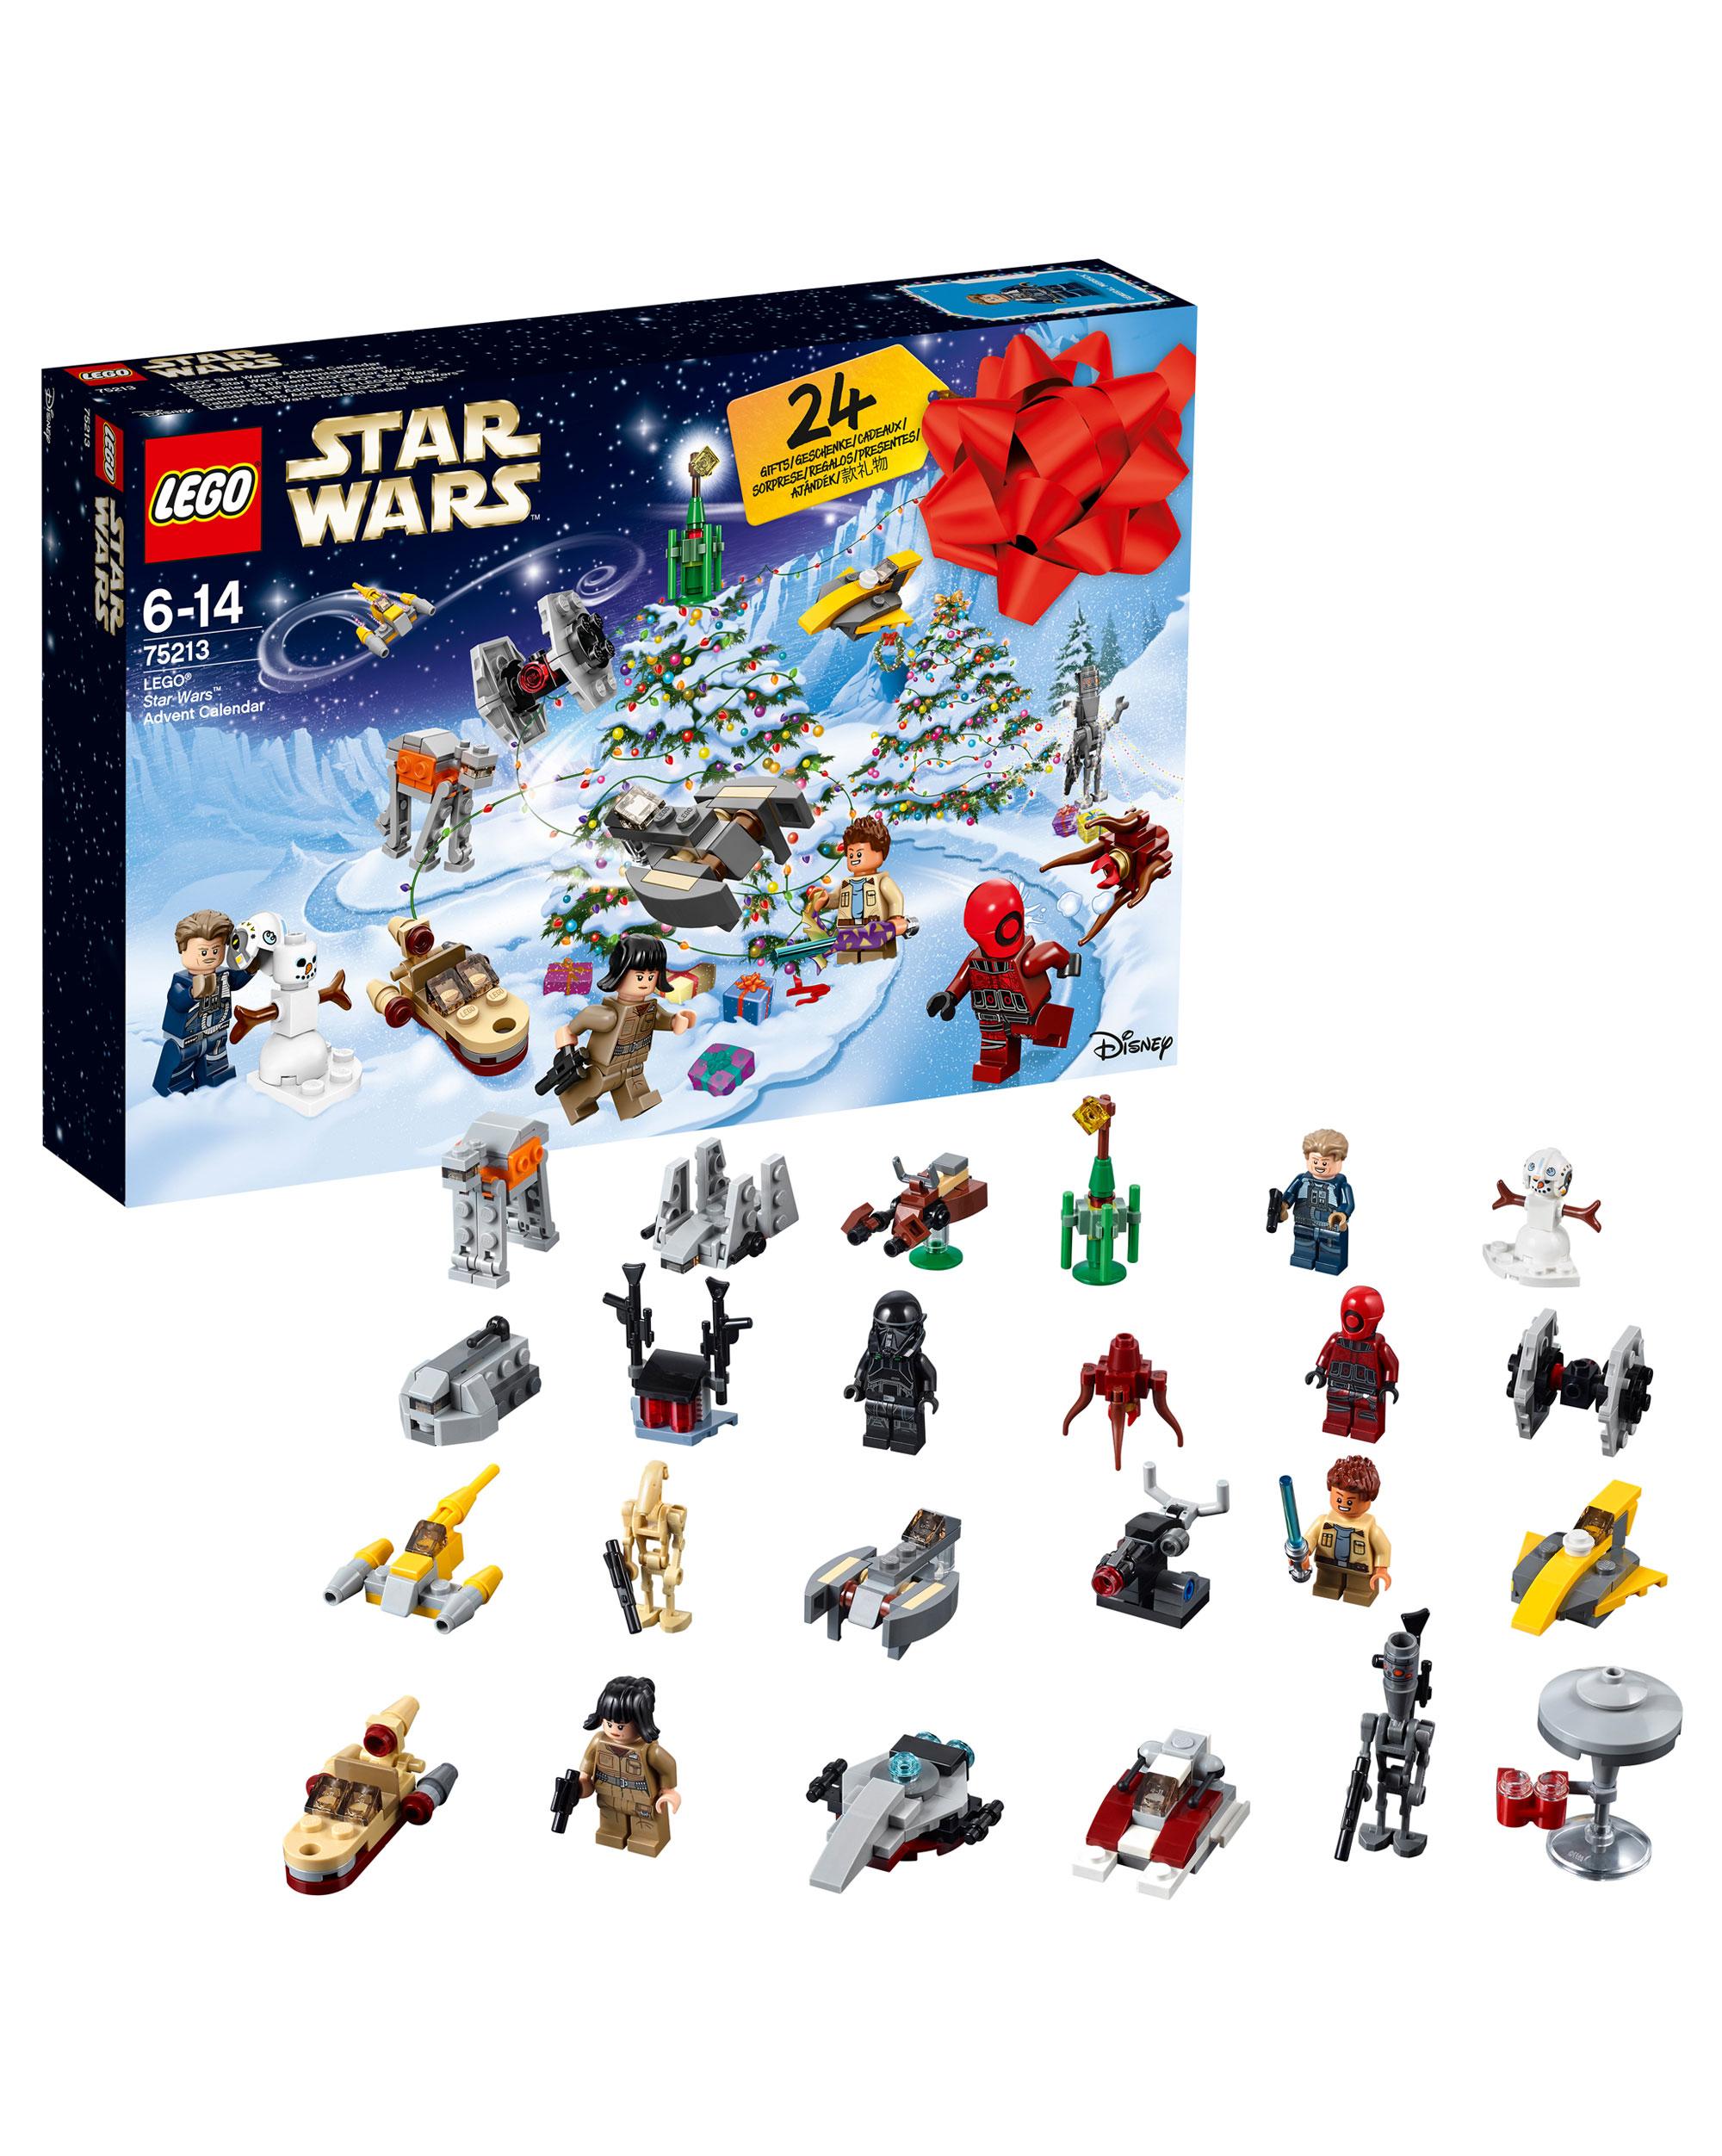 Calendario Avvento Lego City.75213 Calendario Dell Avvento 2018 Lego Star Wars Eta